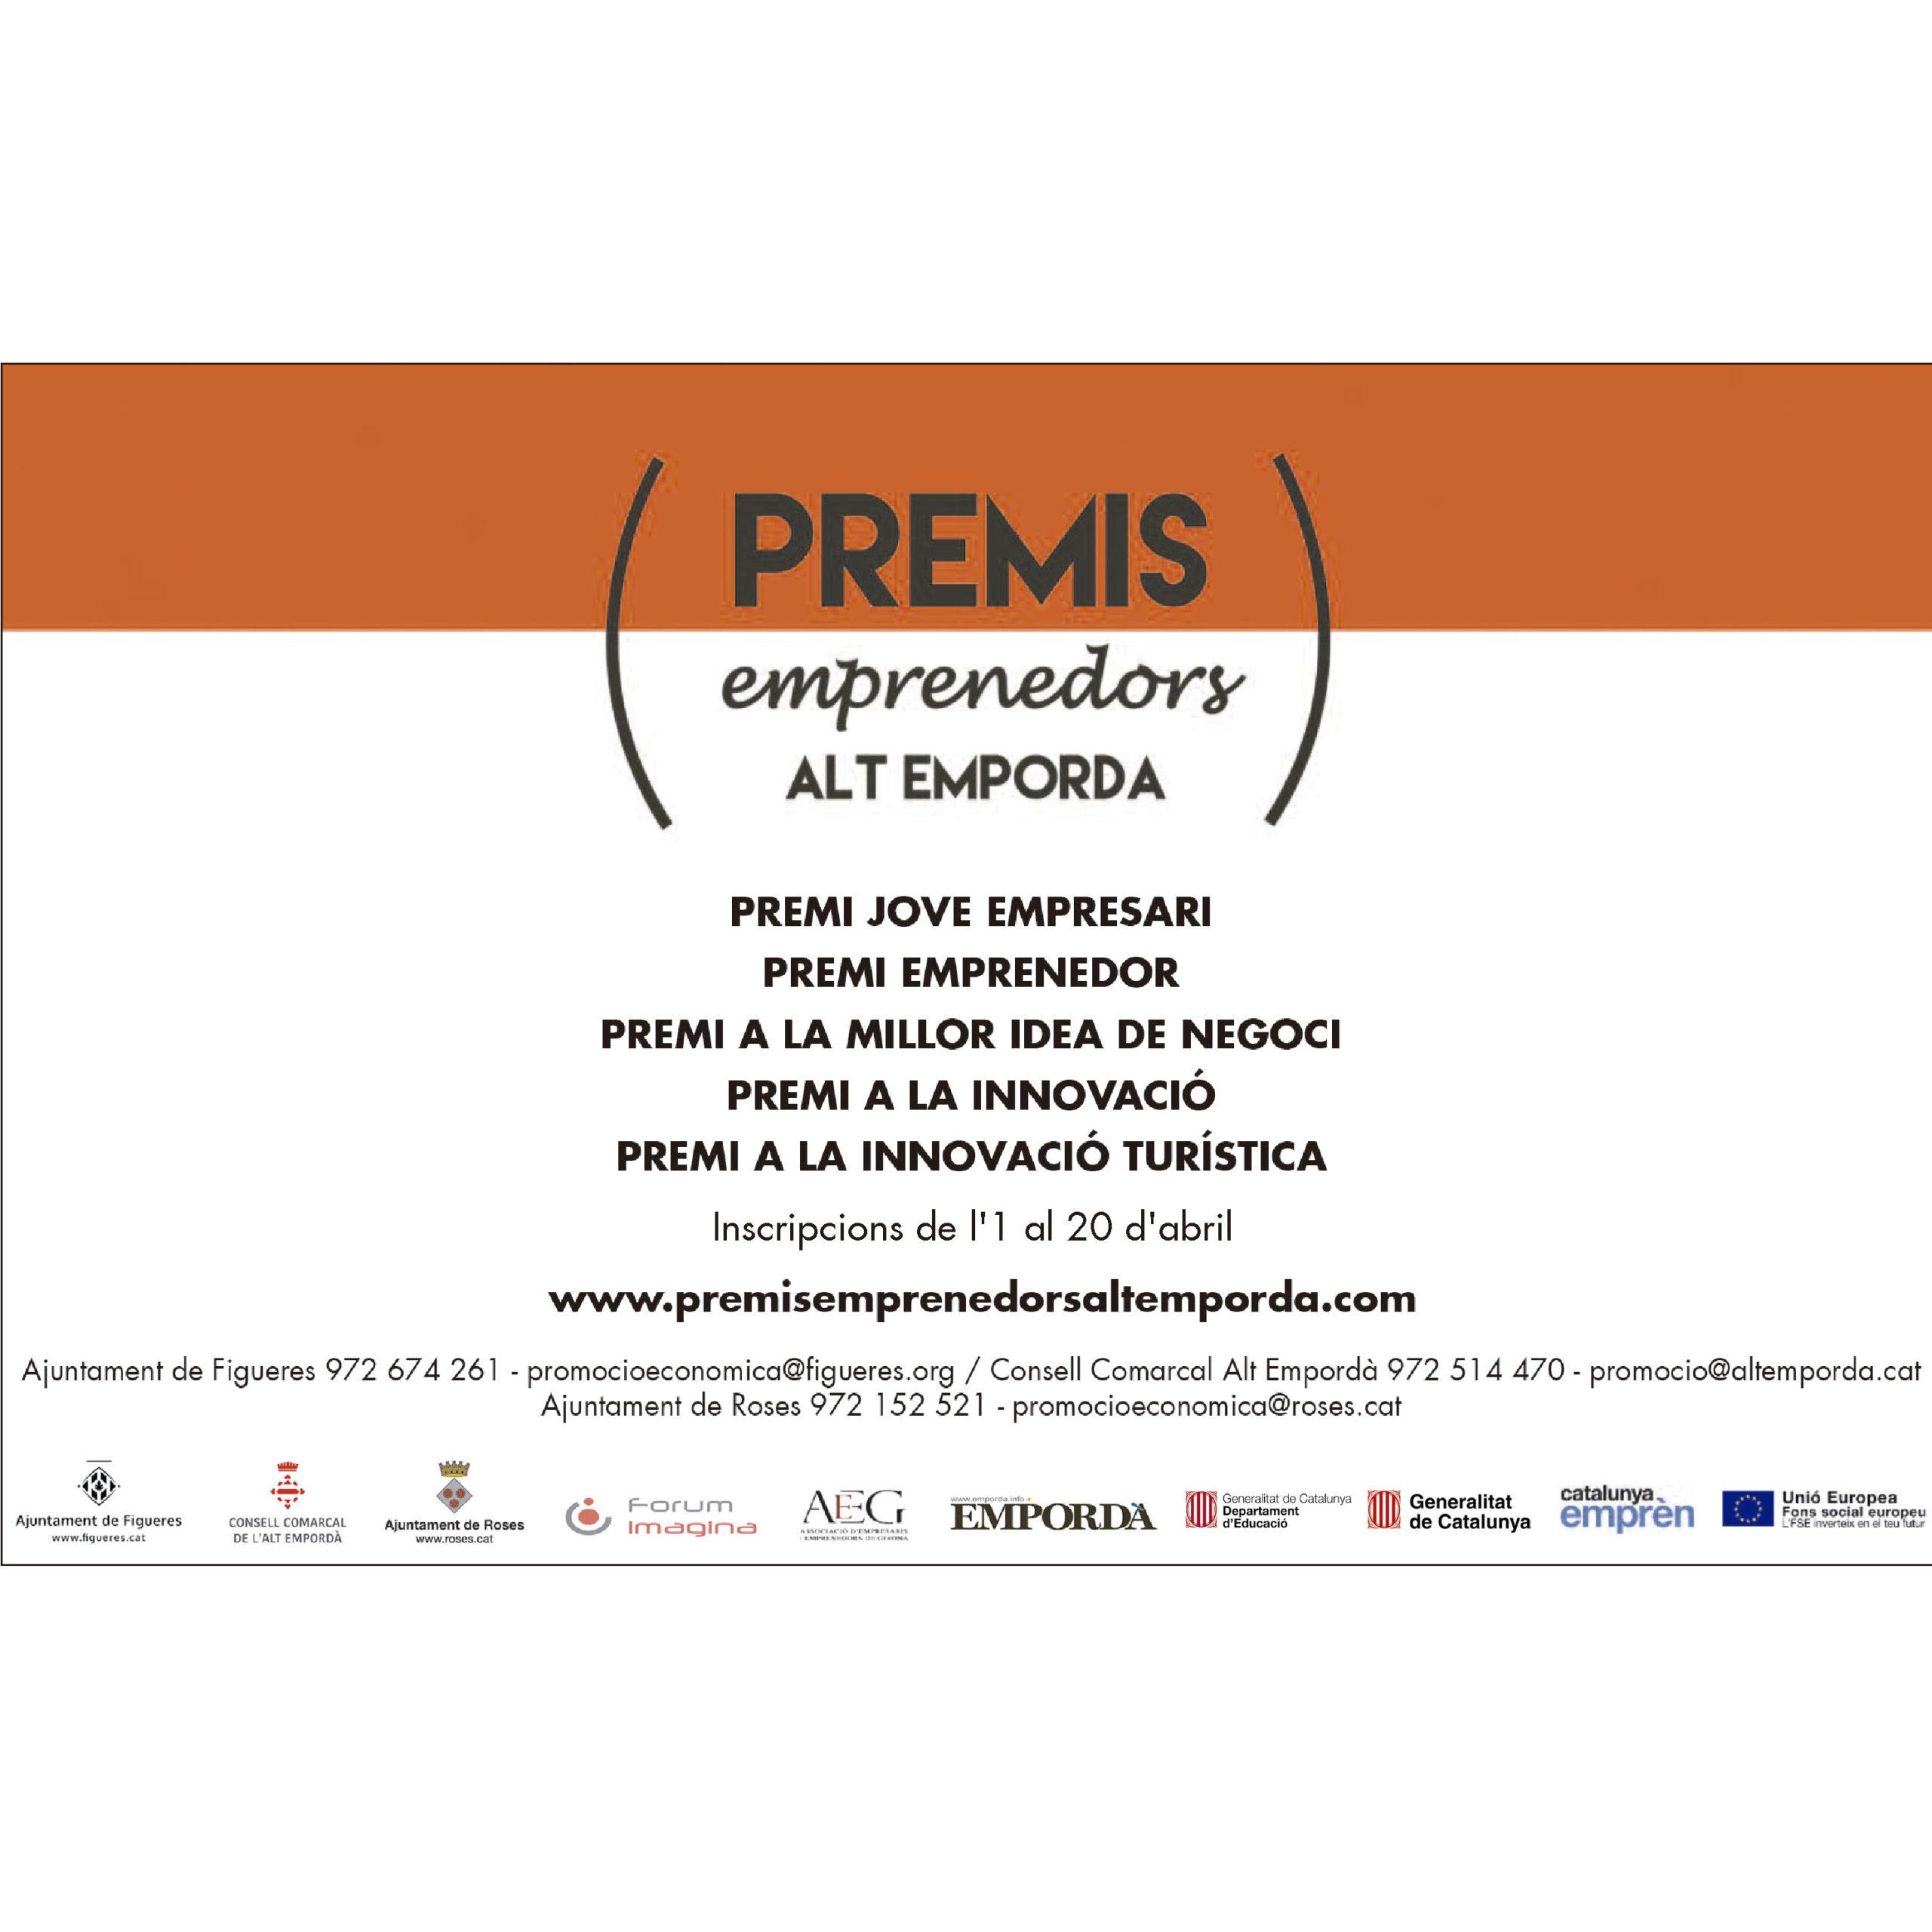 Els Premis Emprenedors de l'Alt Empordà continuen promovent i reconeixent l'emprenedoria a la comarca